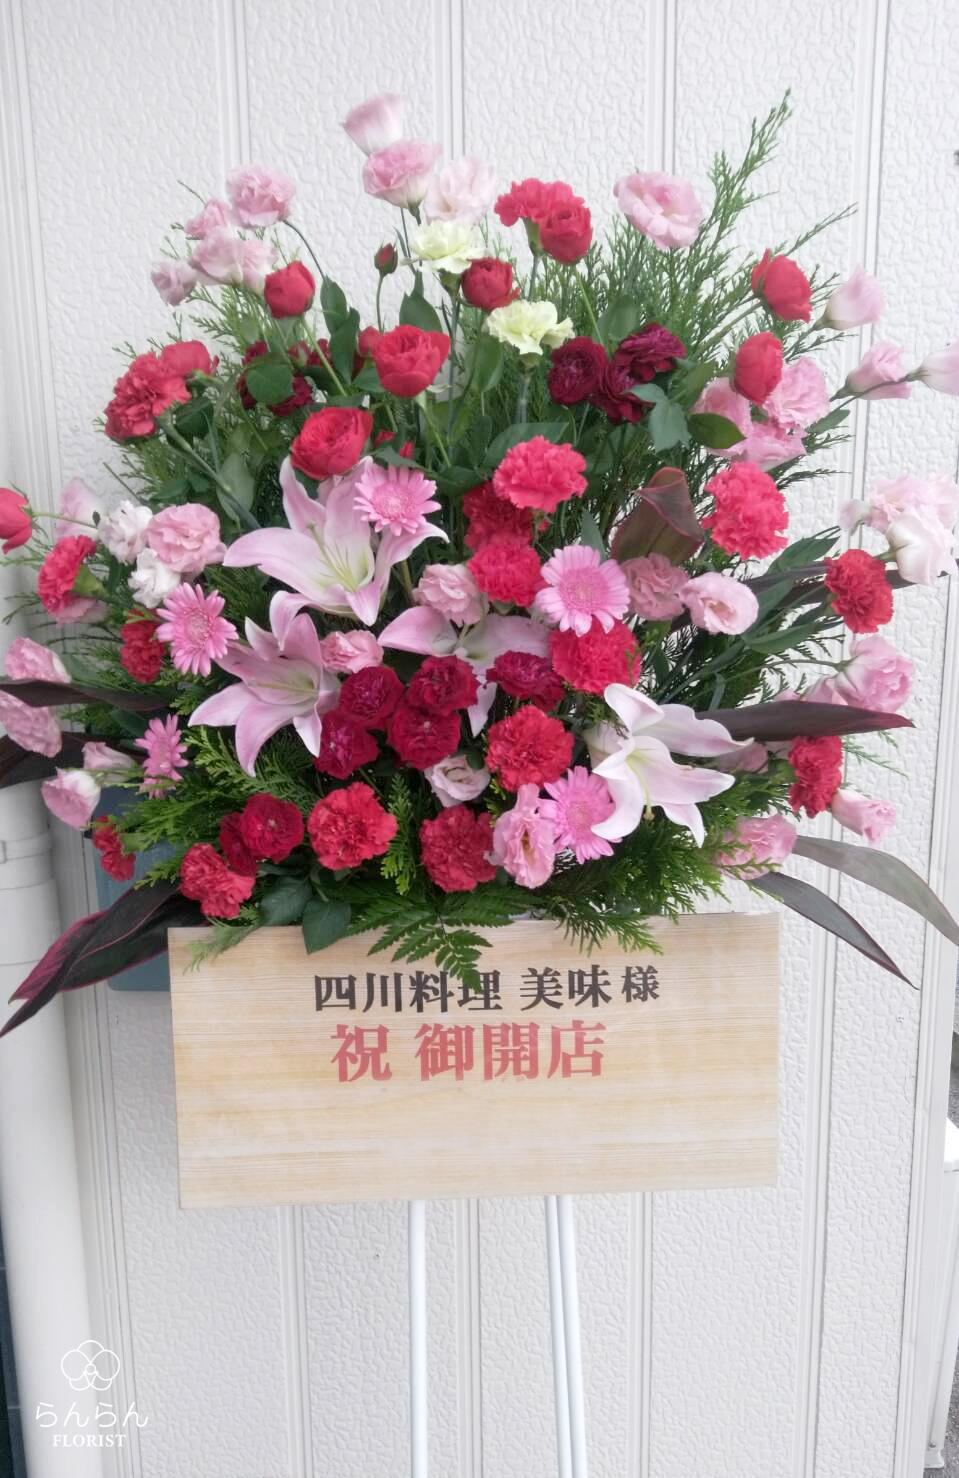 四川料理 美味 お祝いスタンド花